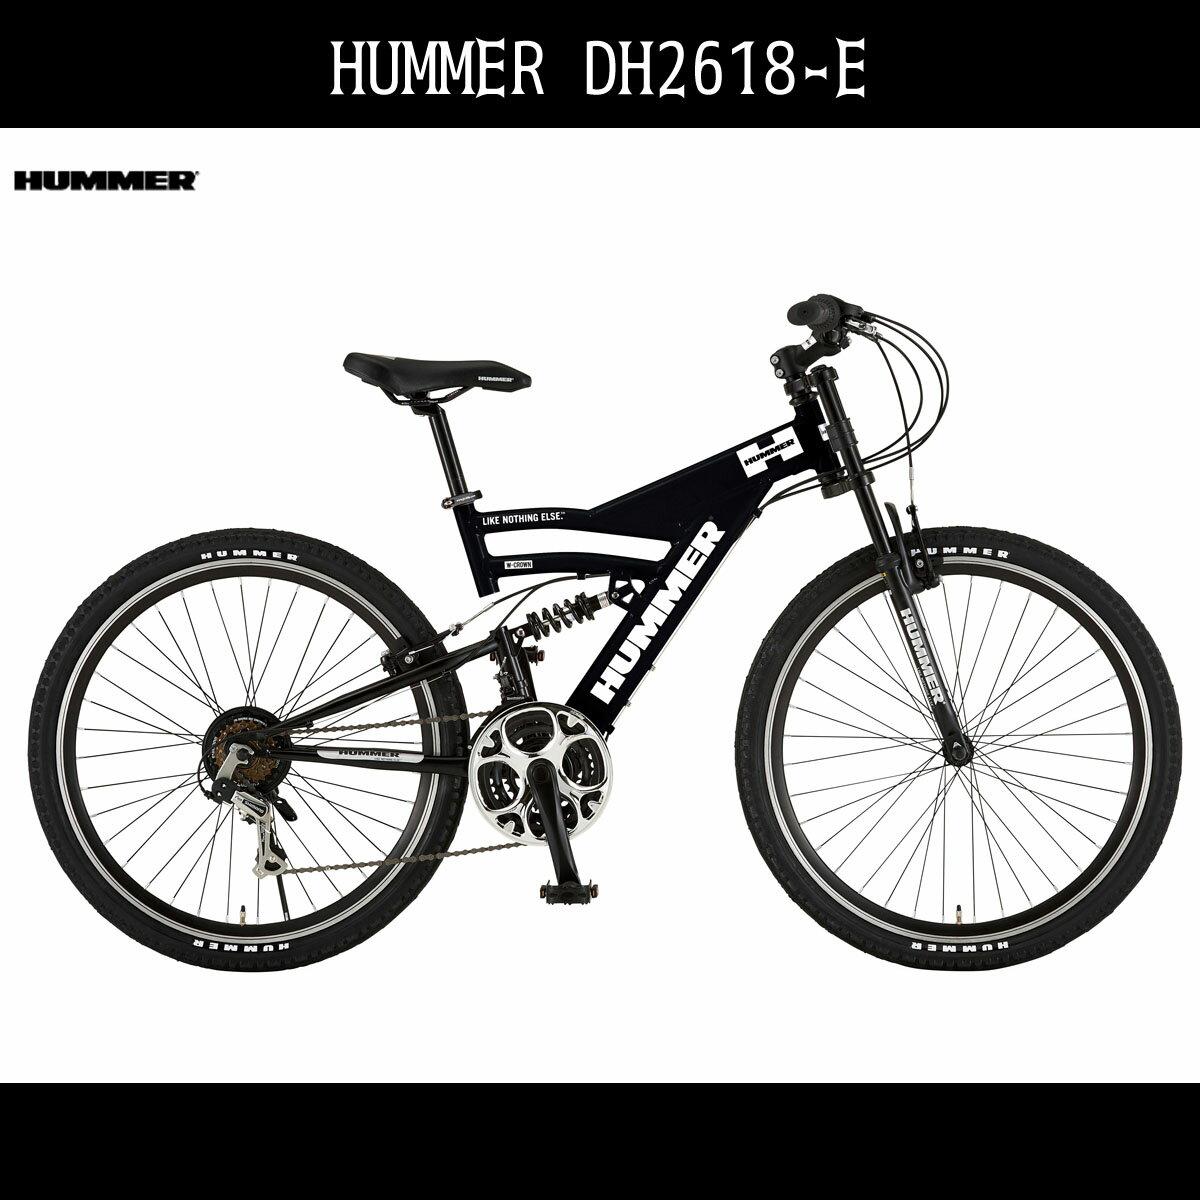 配送先一都三県一部地域限定送料無料 自転車 ハマー アルミニウム DH2618-E MTB アルミニウム 外装18段変速ギア マウンテンバイク 26インチ 黒 ブラック 自転車 HUMMER ハマー マウンテンバイク ギア付 通販 おしゃれ